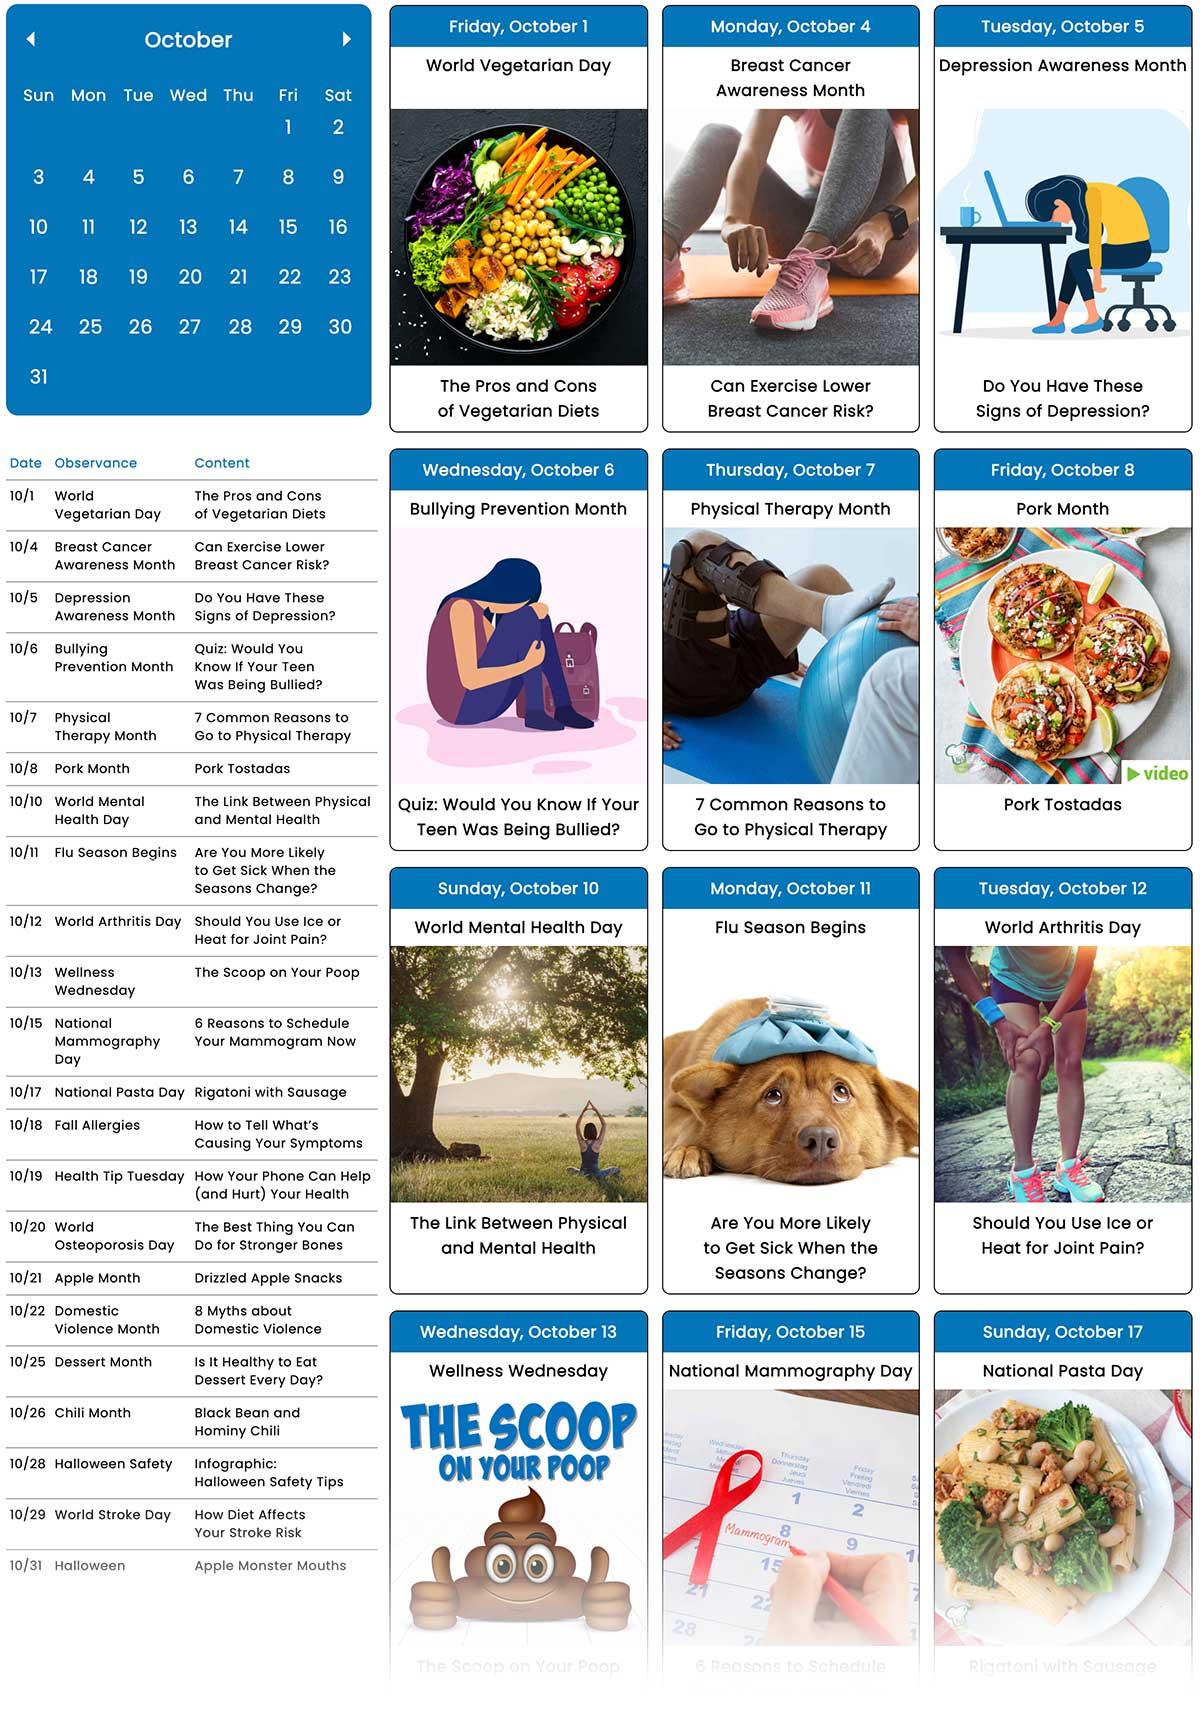 October Social Media Guide